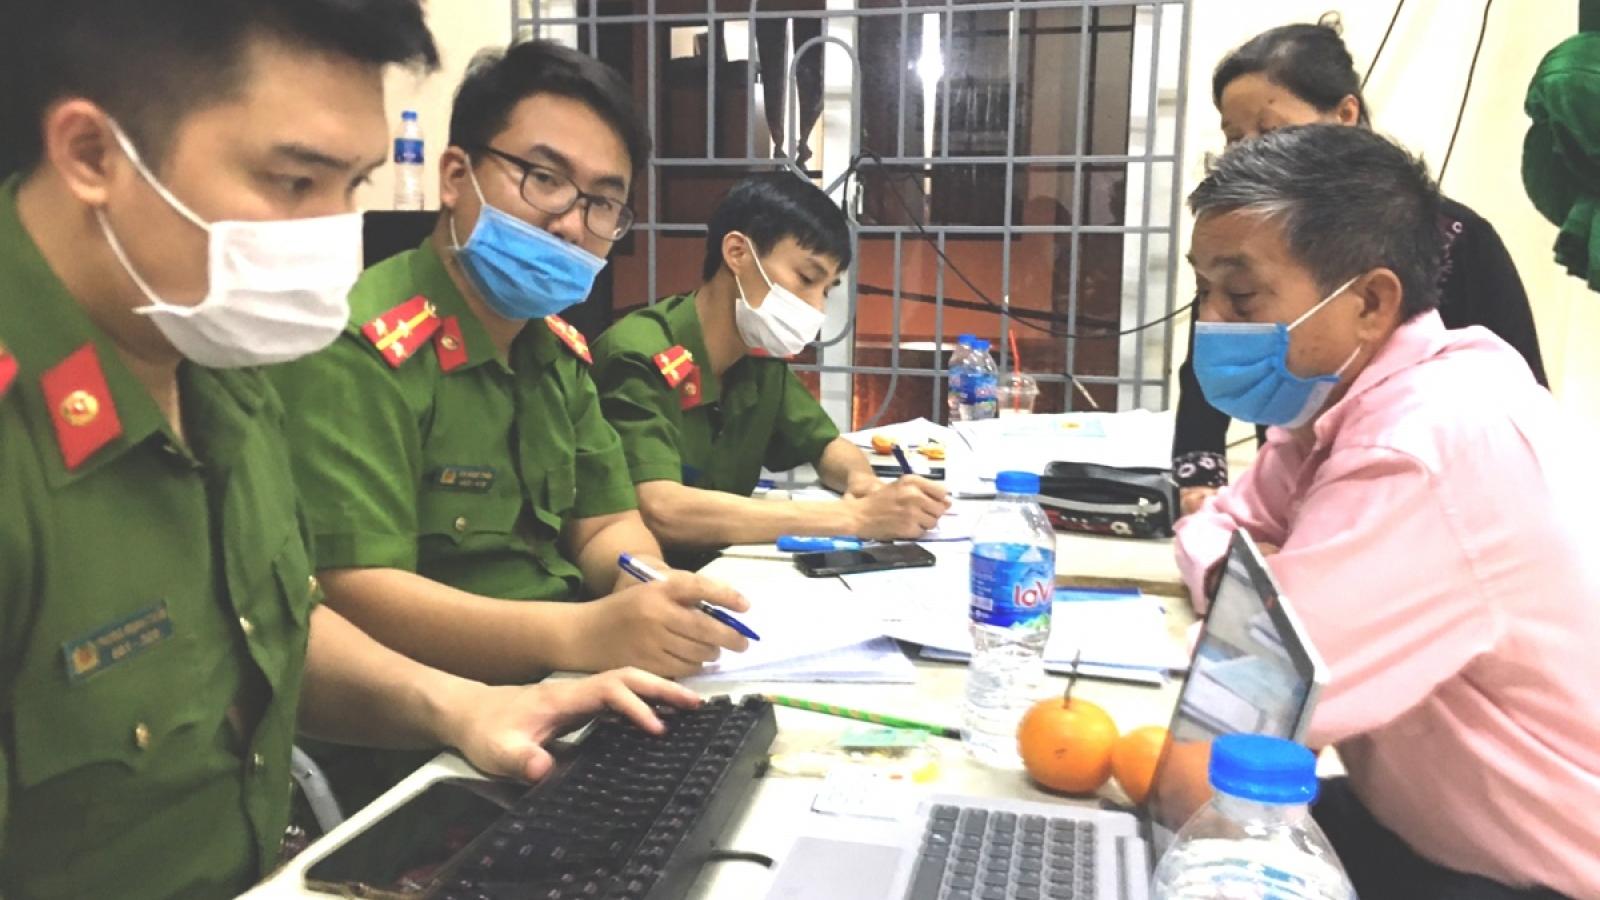 Hà Nội tạm dừng cấp căn cước công dân tại Đông Anh và Thanh Trì